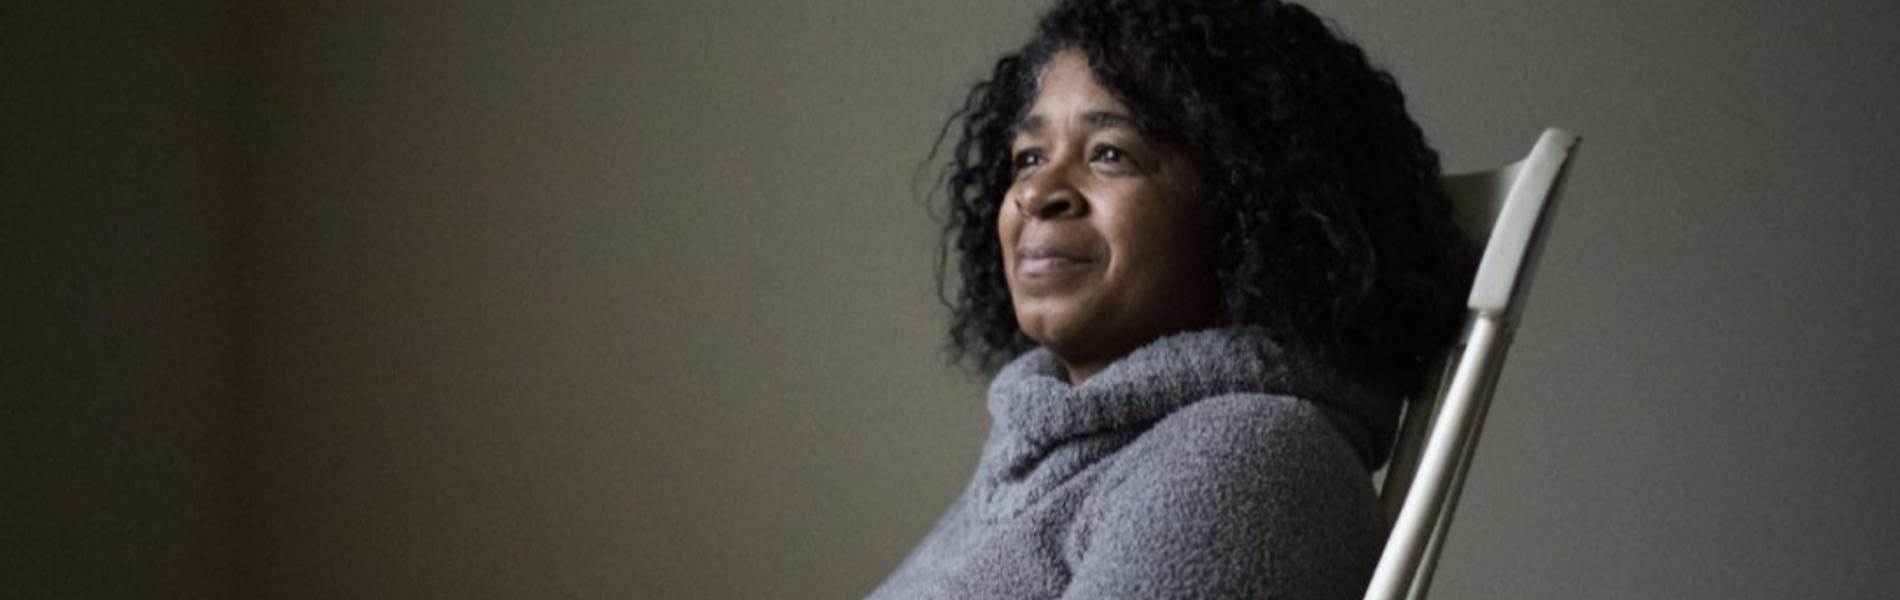 היא נתנה לאישה זרה להחזיק את התינוקת שלה לפני 34 שנה- ומעולם לא ראתה אותה שוב